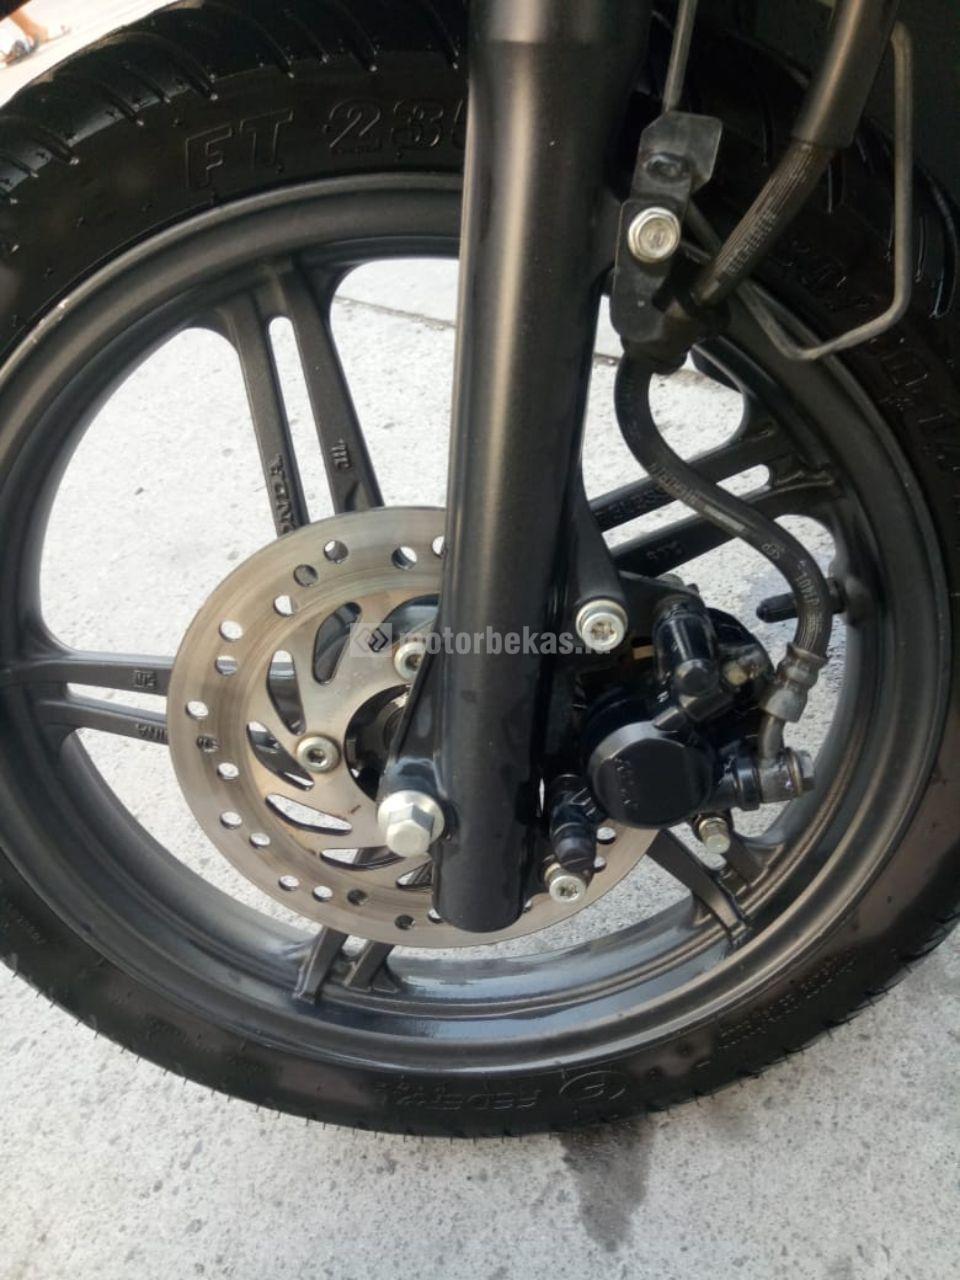 HONDA BEAT CW FI CBS  2370 motorbekas.id